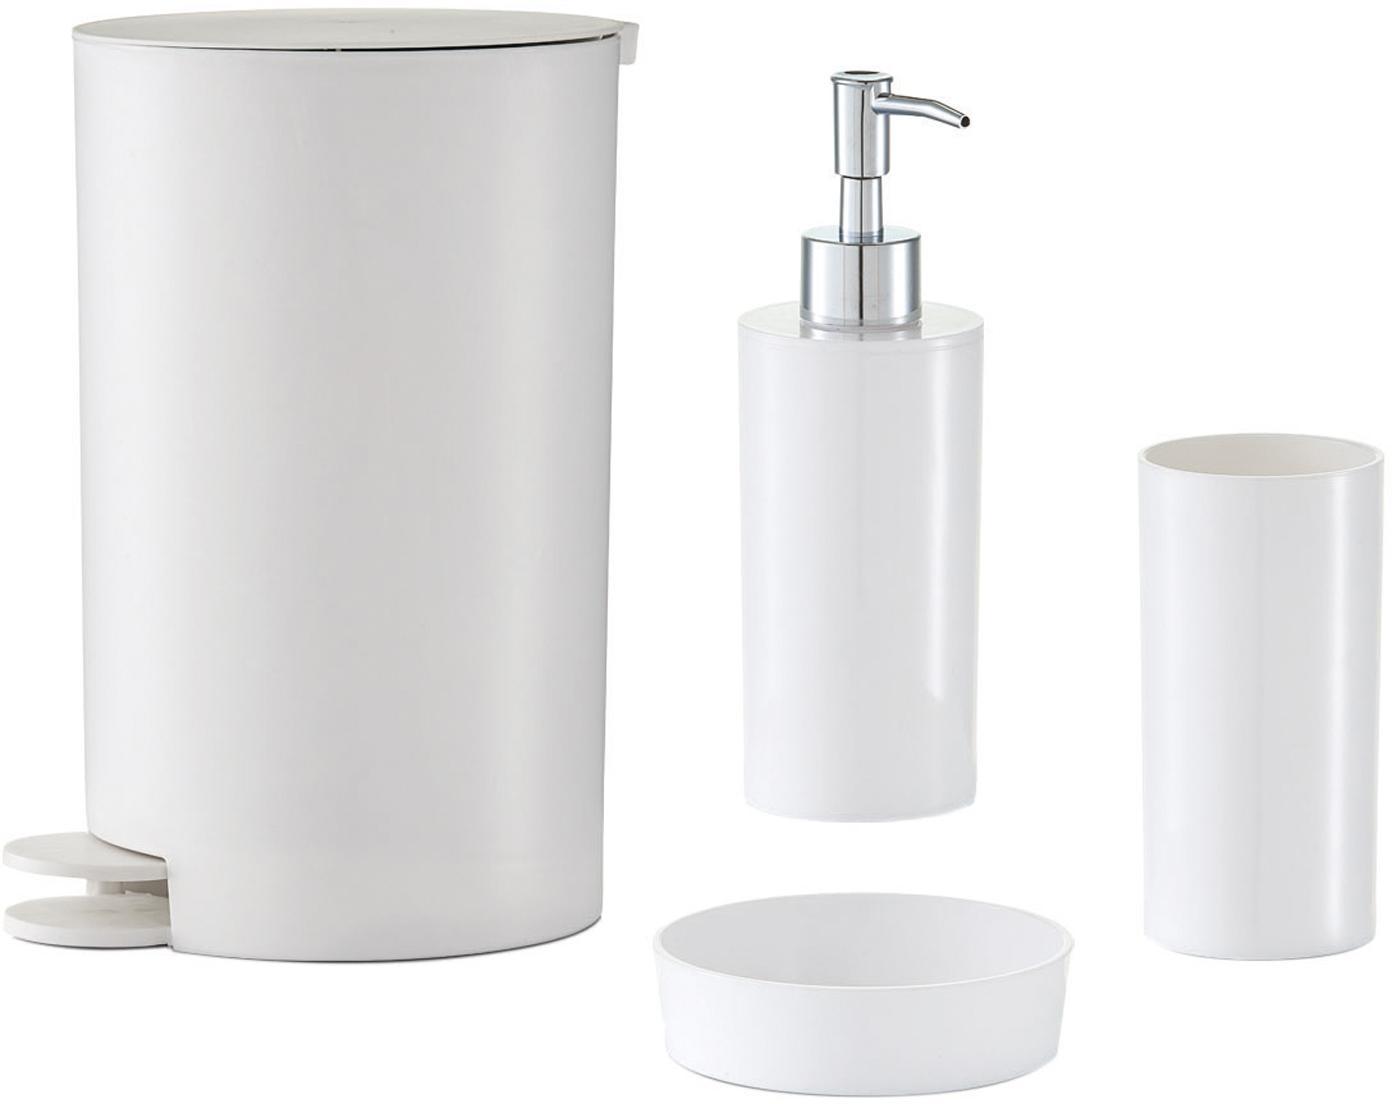 Komplet akcesoriów łazienkowych Maxim, 4 elem., Tworzywo sztuczne, Biały, Komplet z różnymi rozmiarami